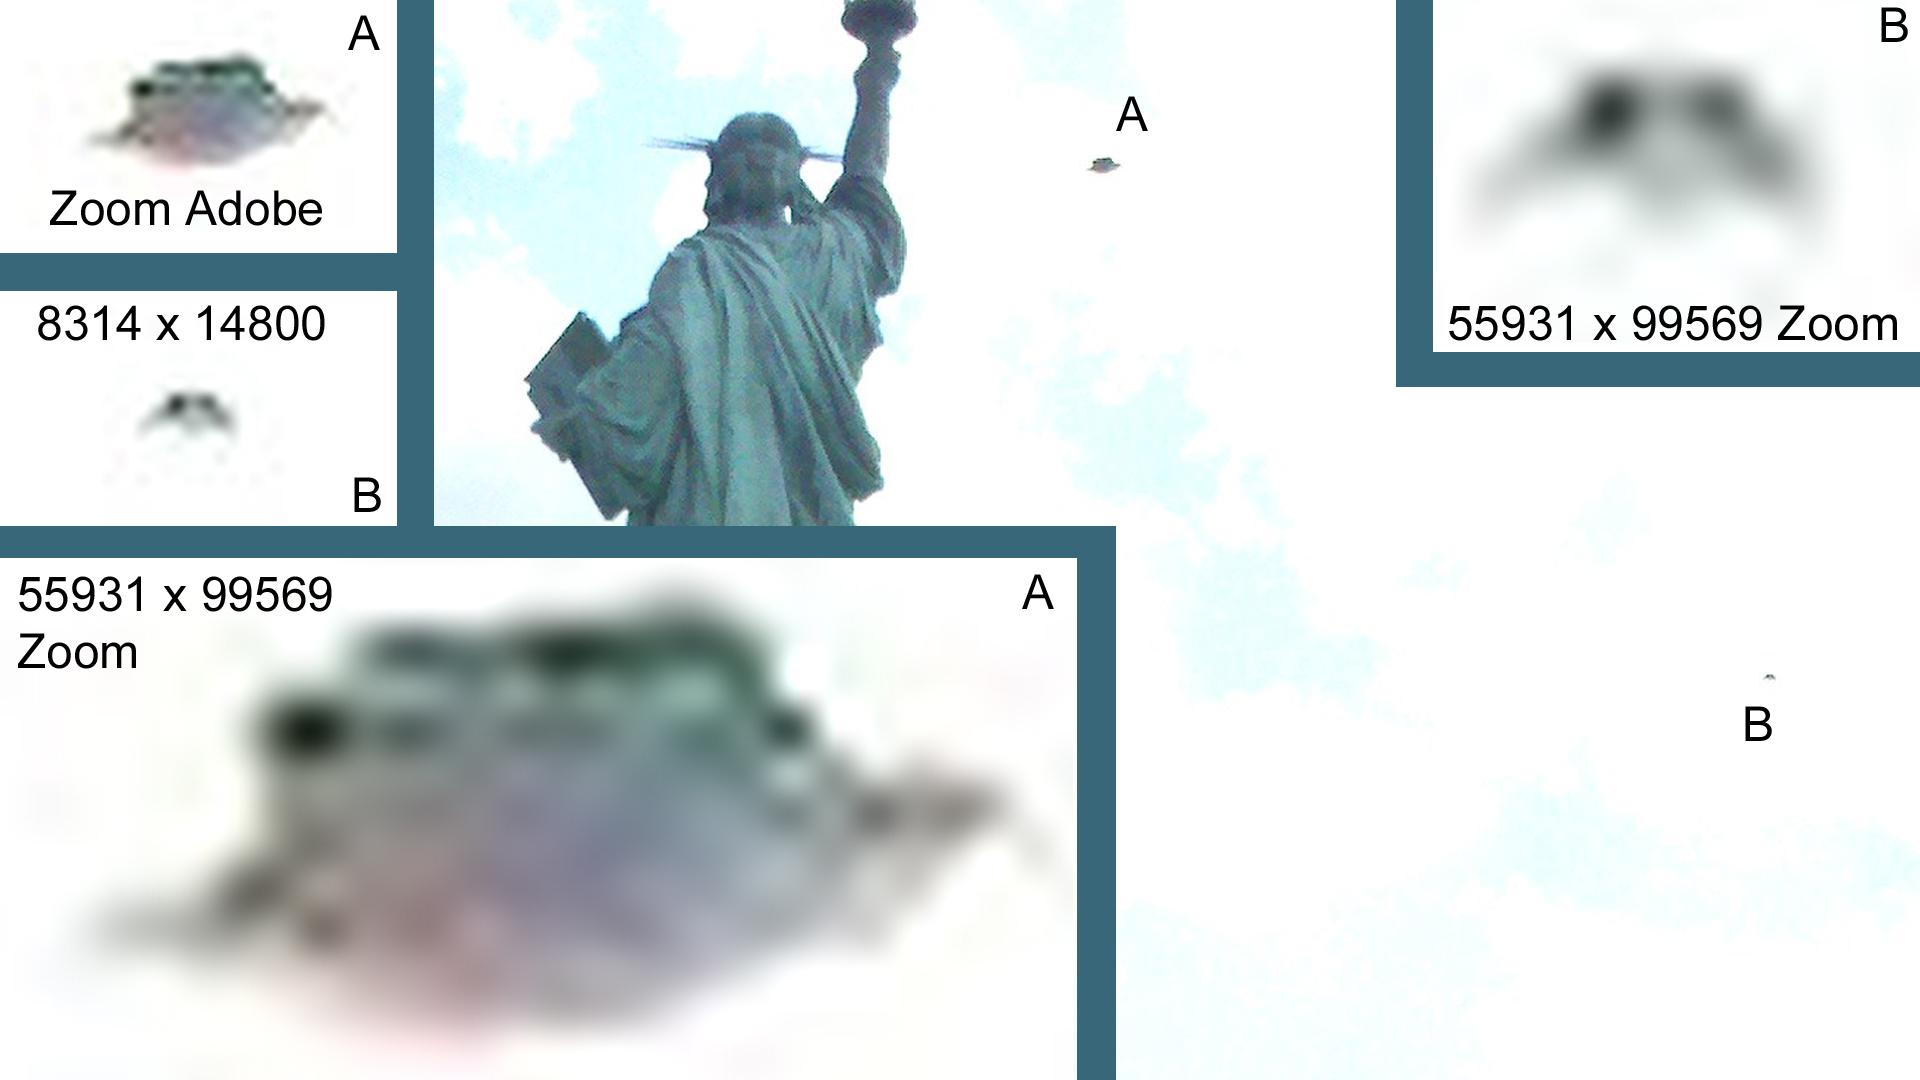 Detalle y ampliación de la anomalía en la fotografía de la Estatua de la Libertad. - Crédito y apoyo en análisis de esta imagen: Alain Jamet - http://www.altynia.fr/